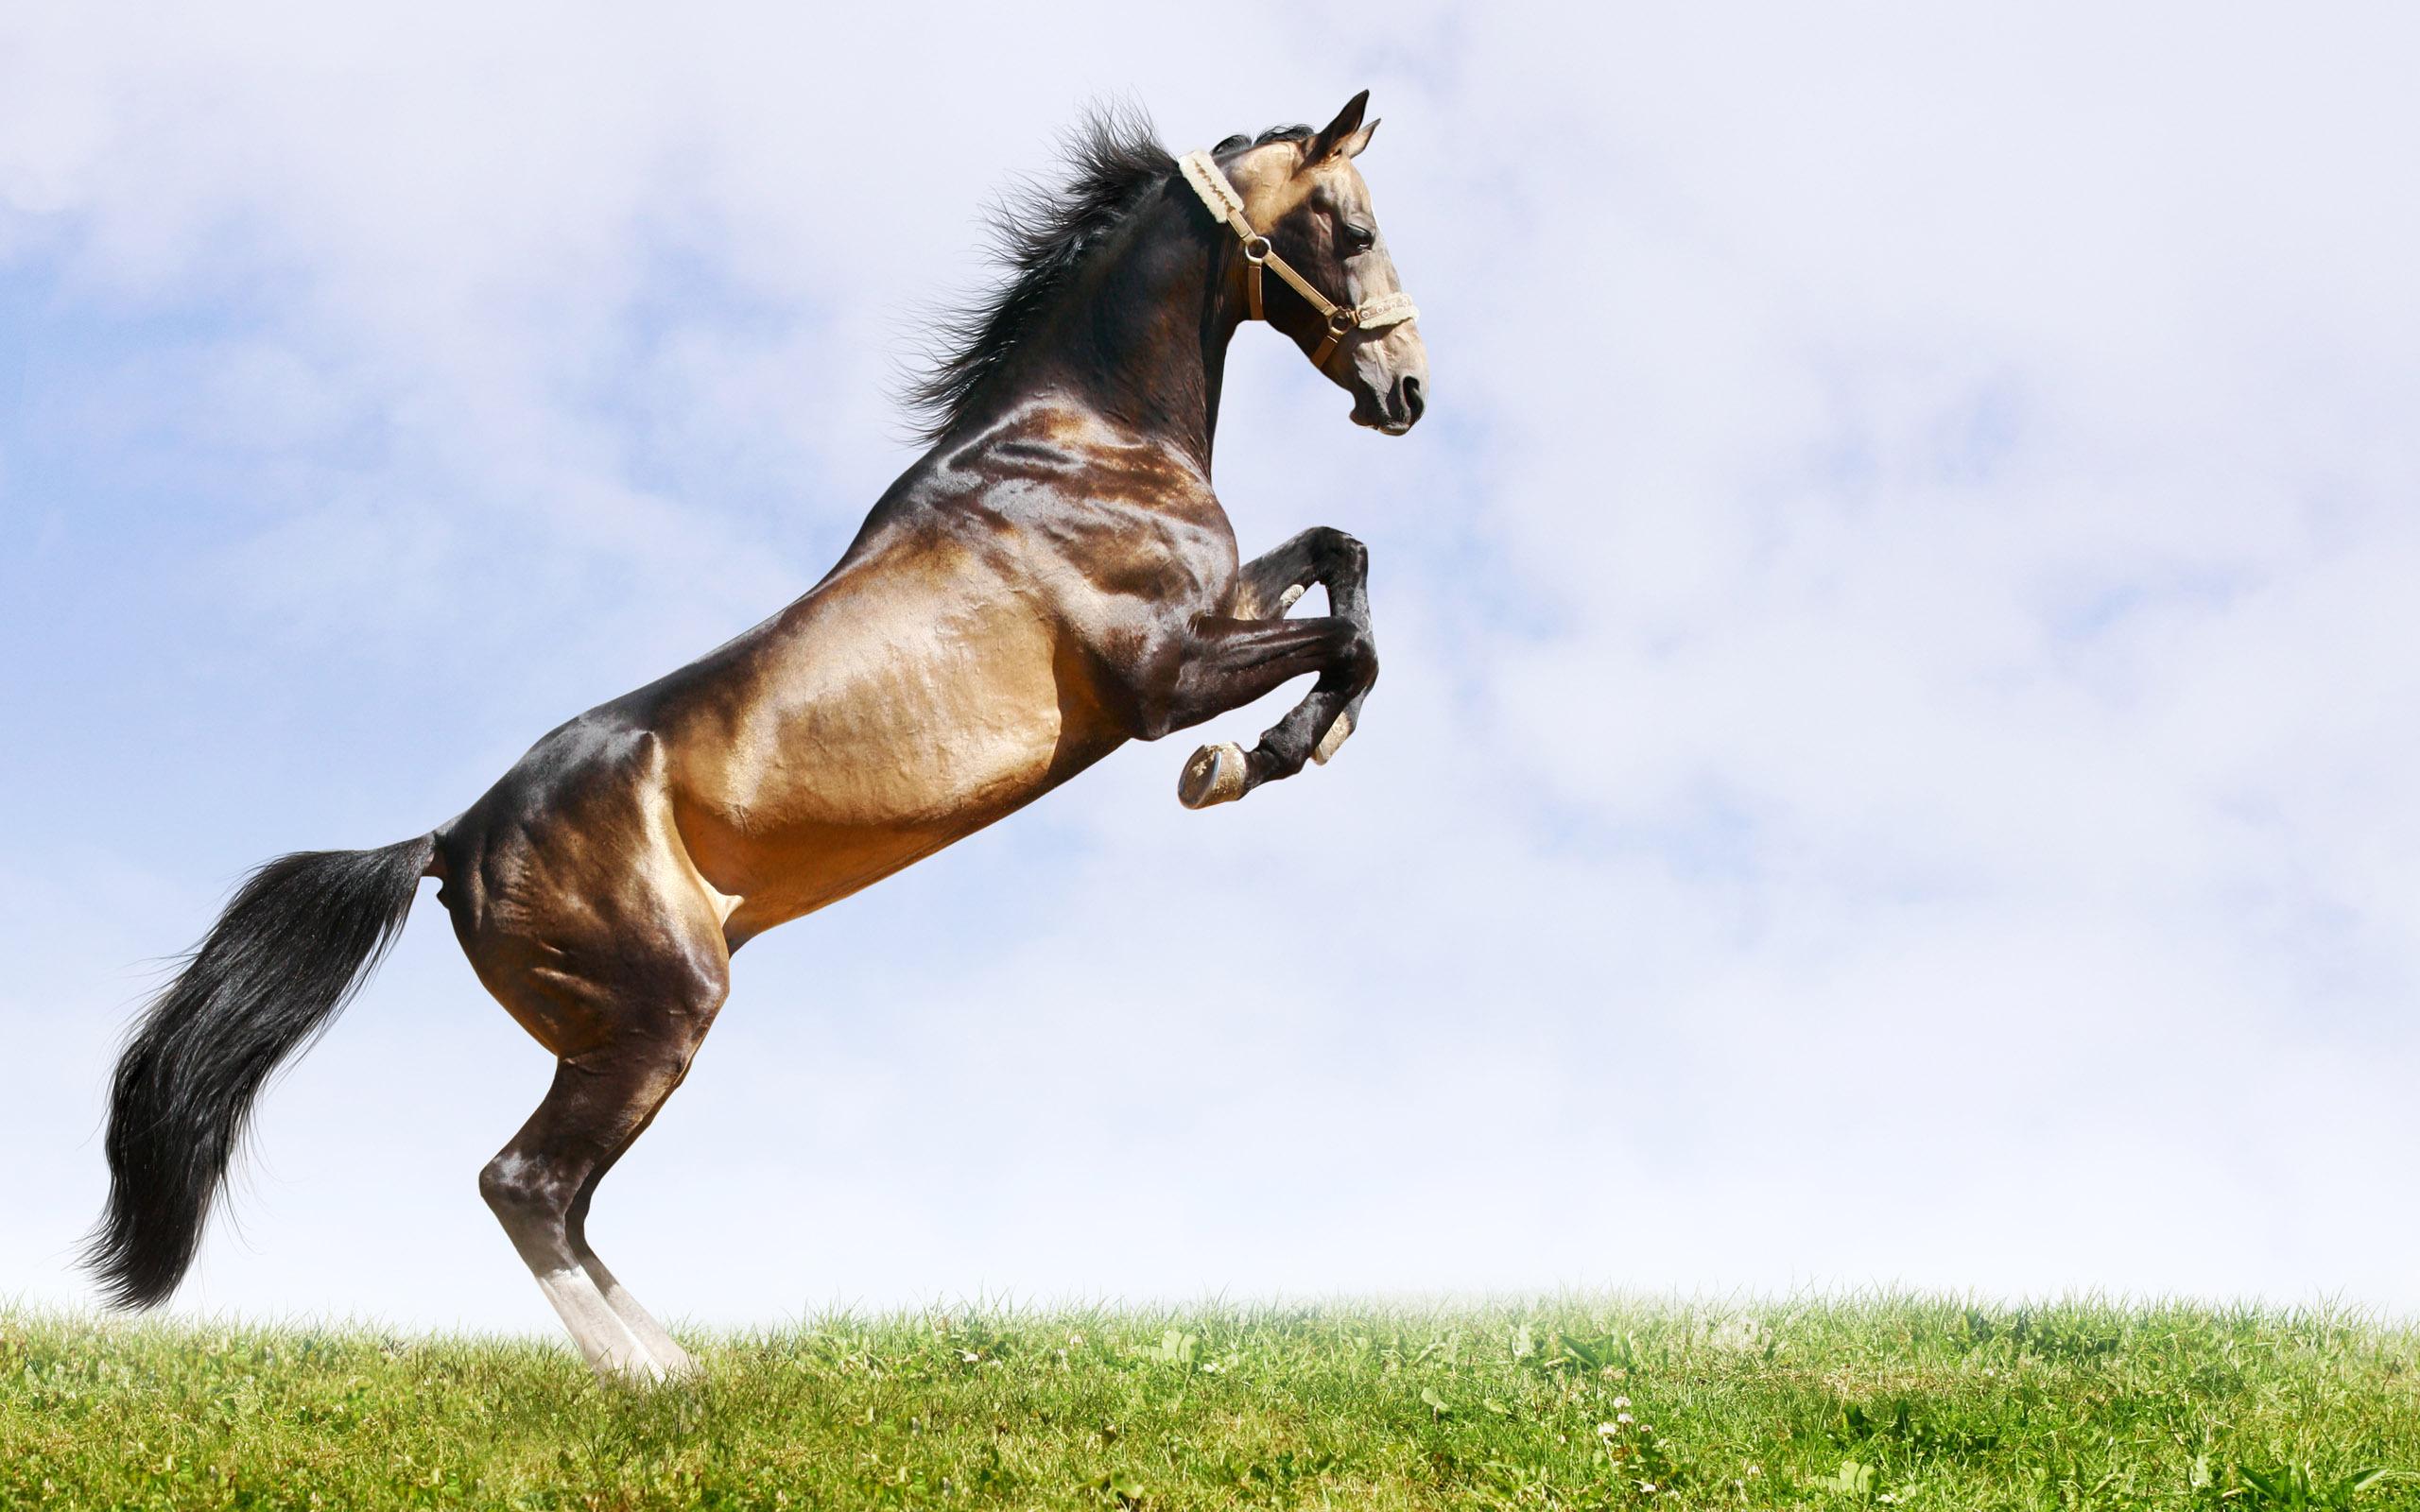 рисунок графика лошадь природа животные figure graphics horse nature animals  № 3925596 бесплатно